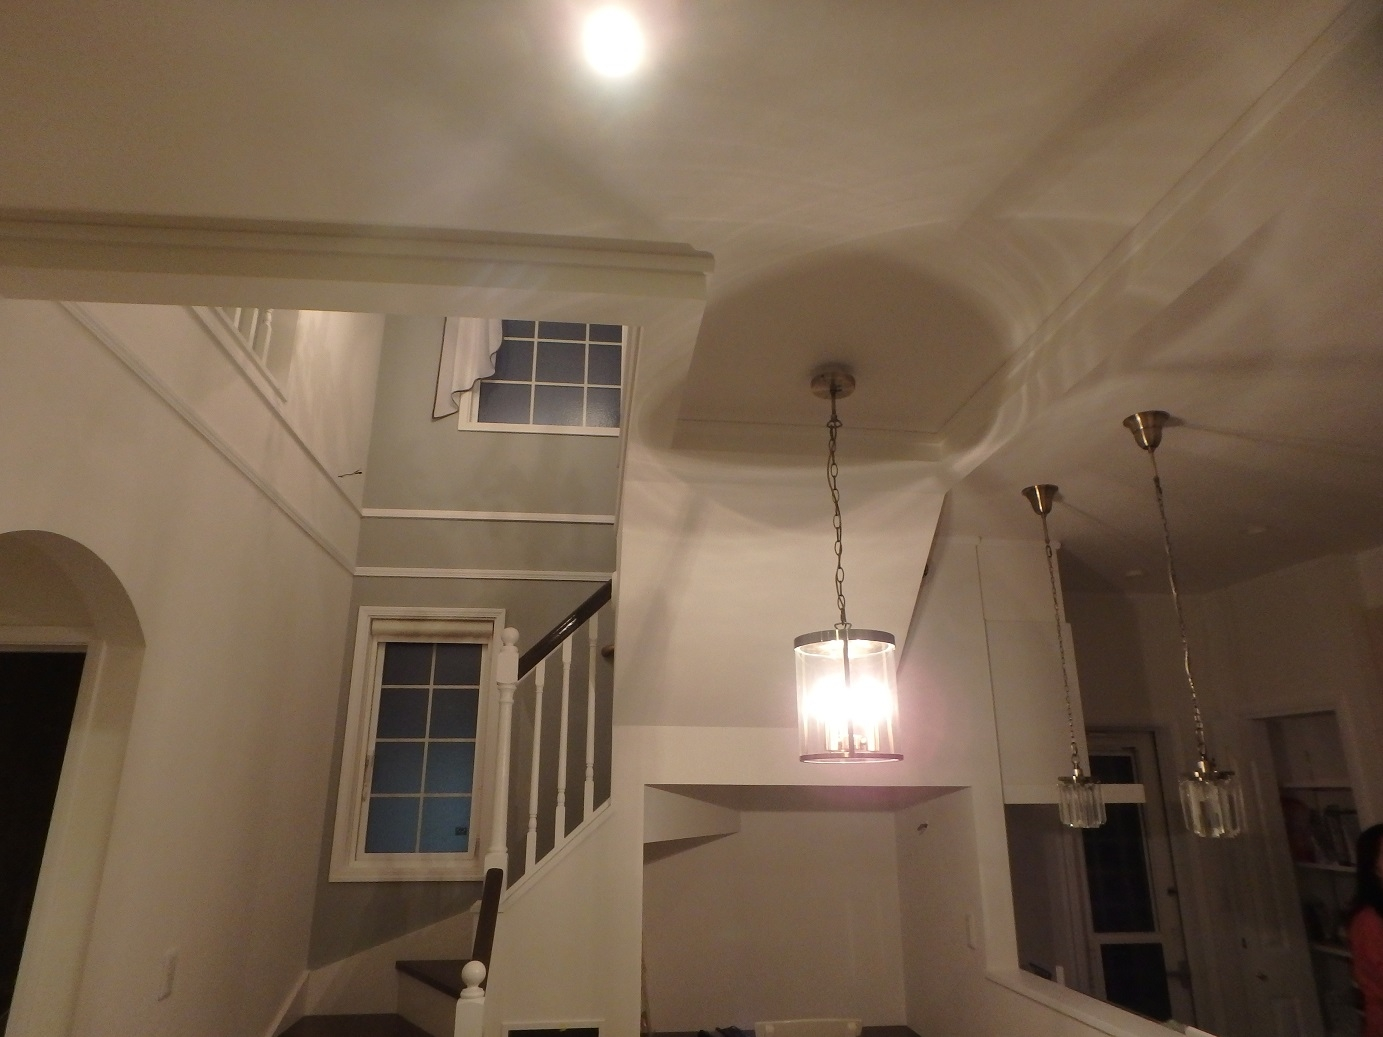 リビングから見た階段室高窓